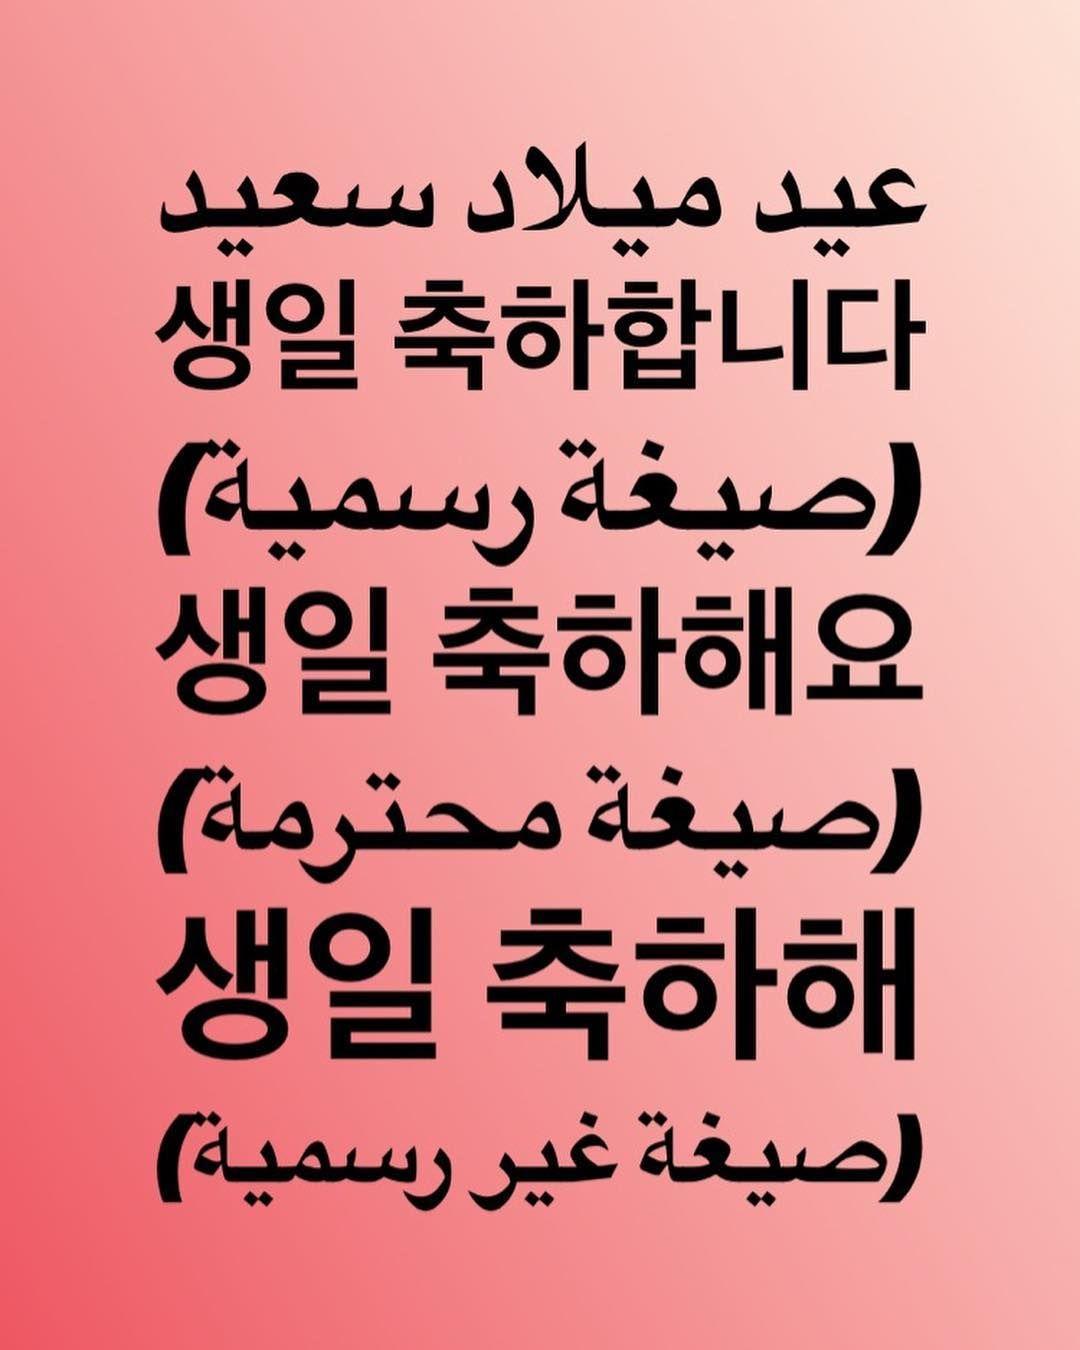 جنة 잔나 On Instagram كوريا الكورية اللغة الكورية تعليم يوتيوب كوري كورية كوريا الجنوبية قواعد كيبوب كور Korean Lessons Learn Korean Pretty Phone Backgrounds